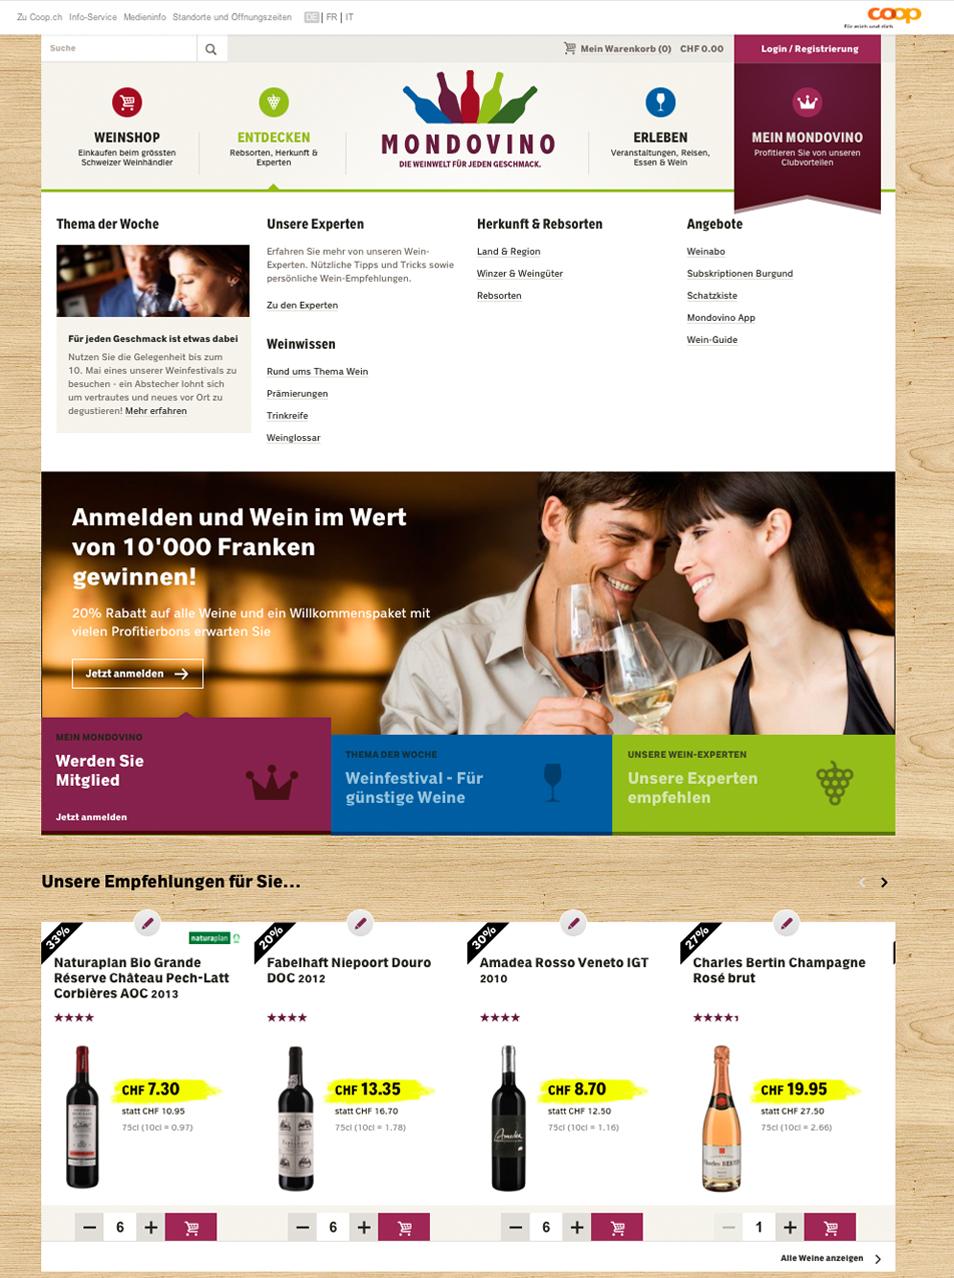 Die Startseite des Onlineshops.